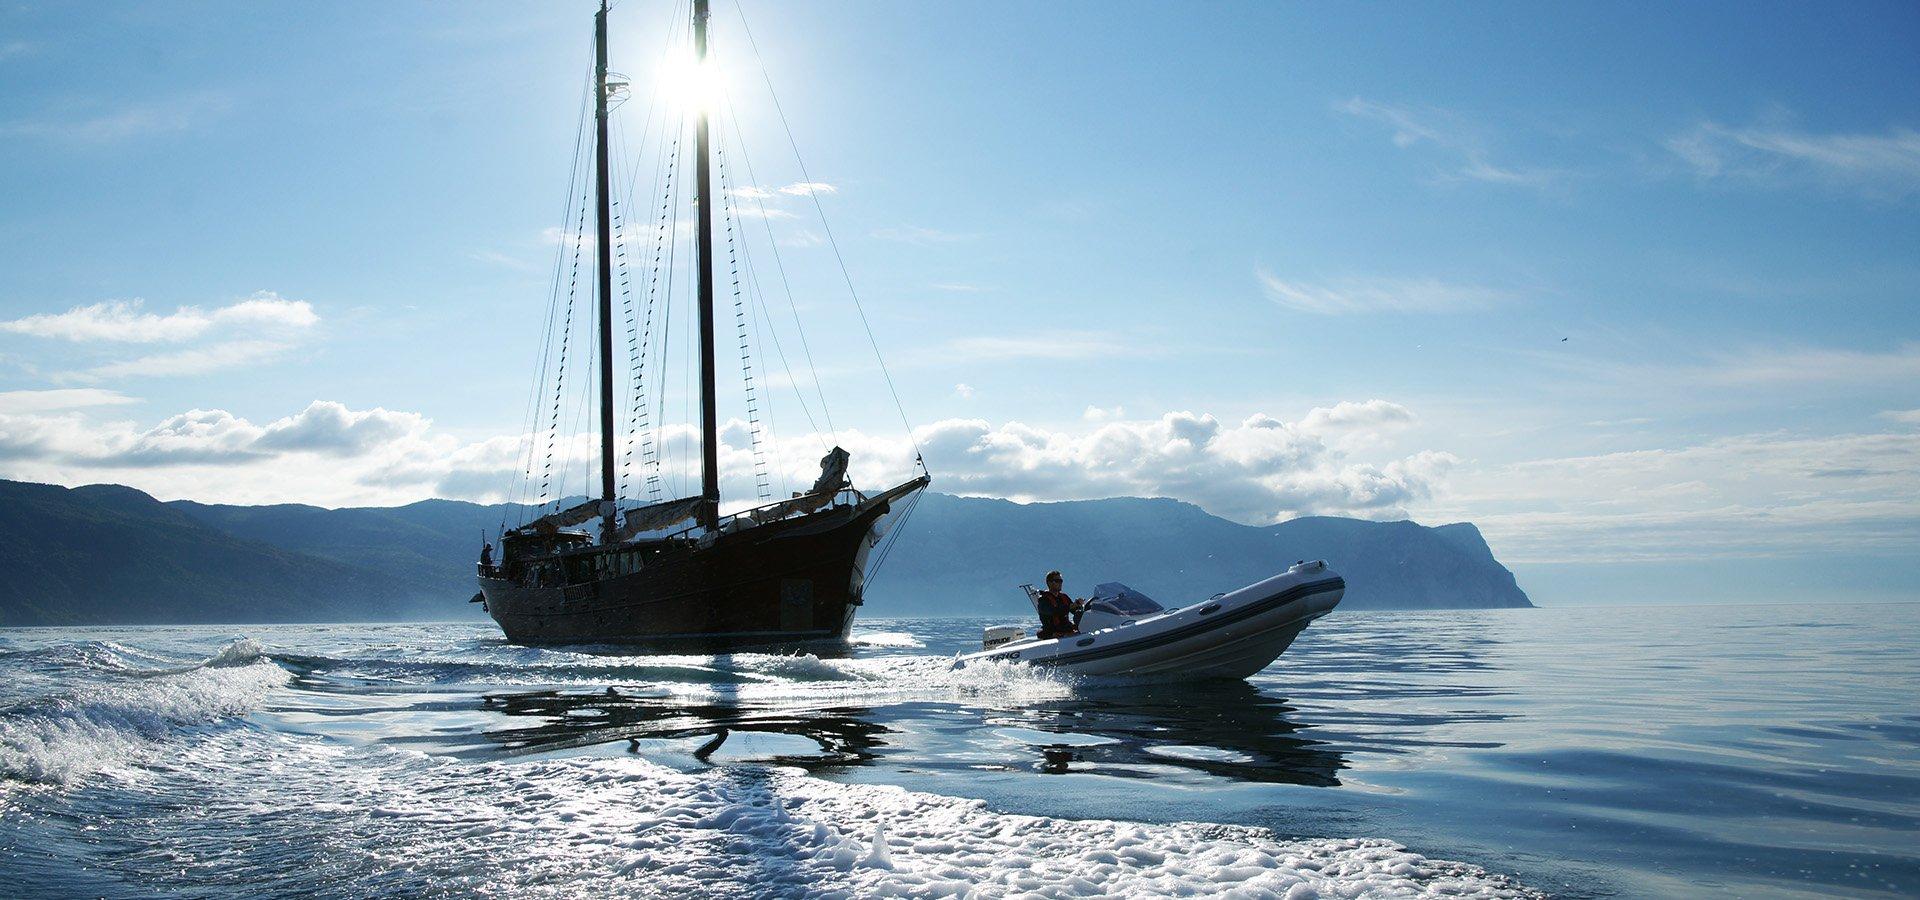 Eagle 480 Boat